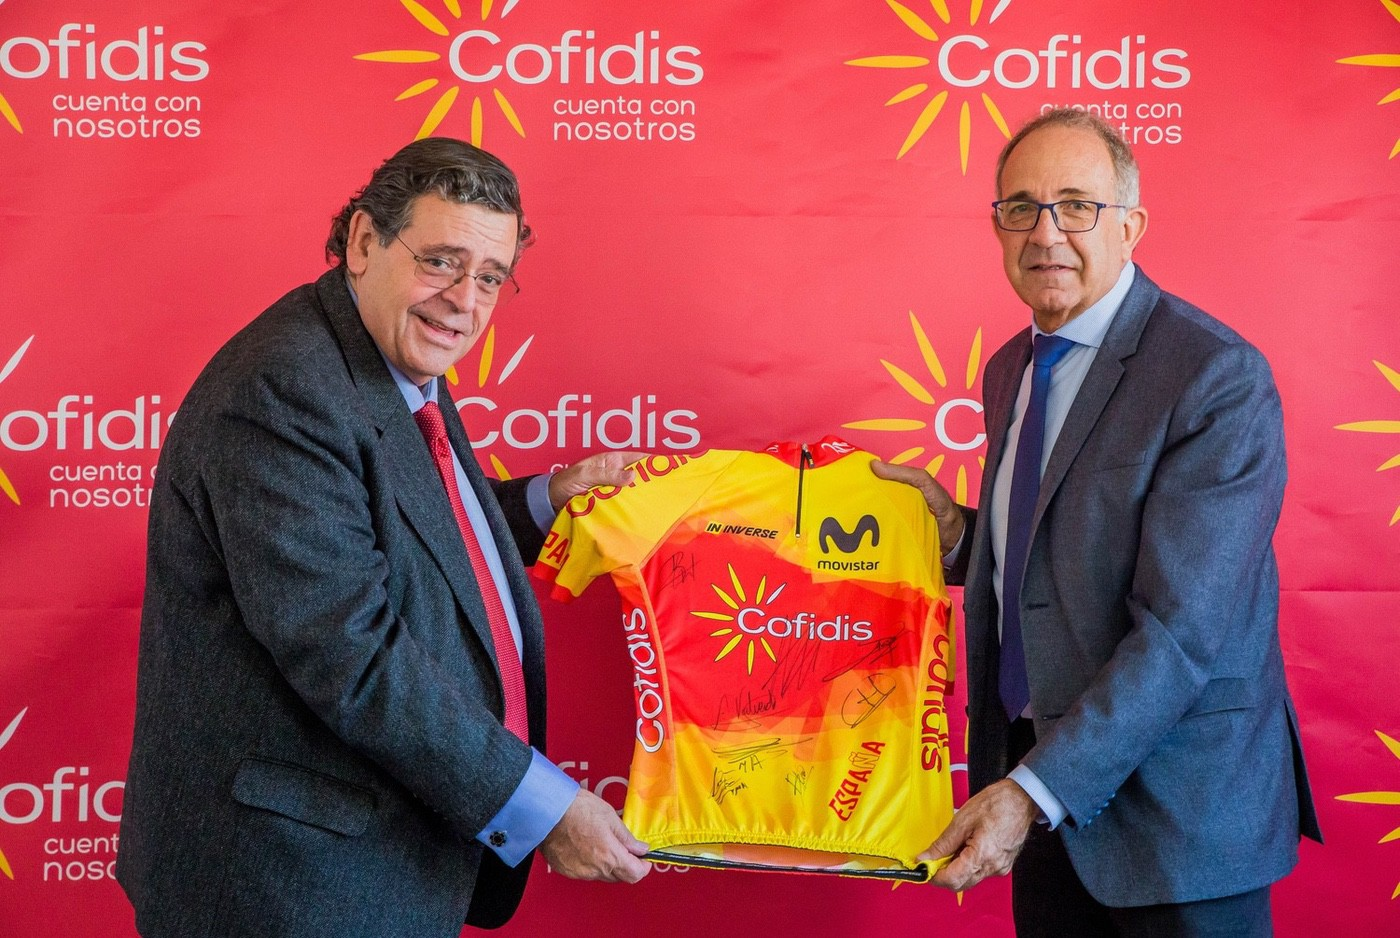 Cofidis y la Real Federación Española de Ciclismo han renovado su compromiso para los próximos 3 años (2019-2021)